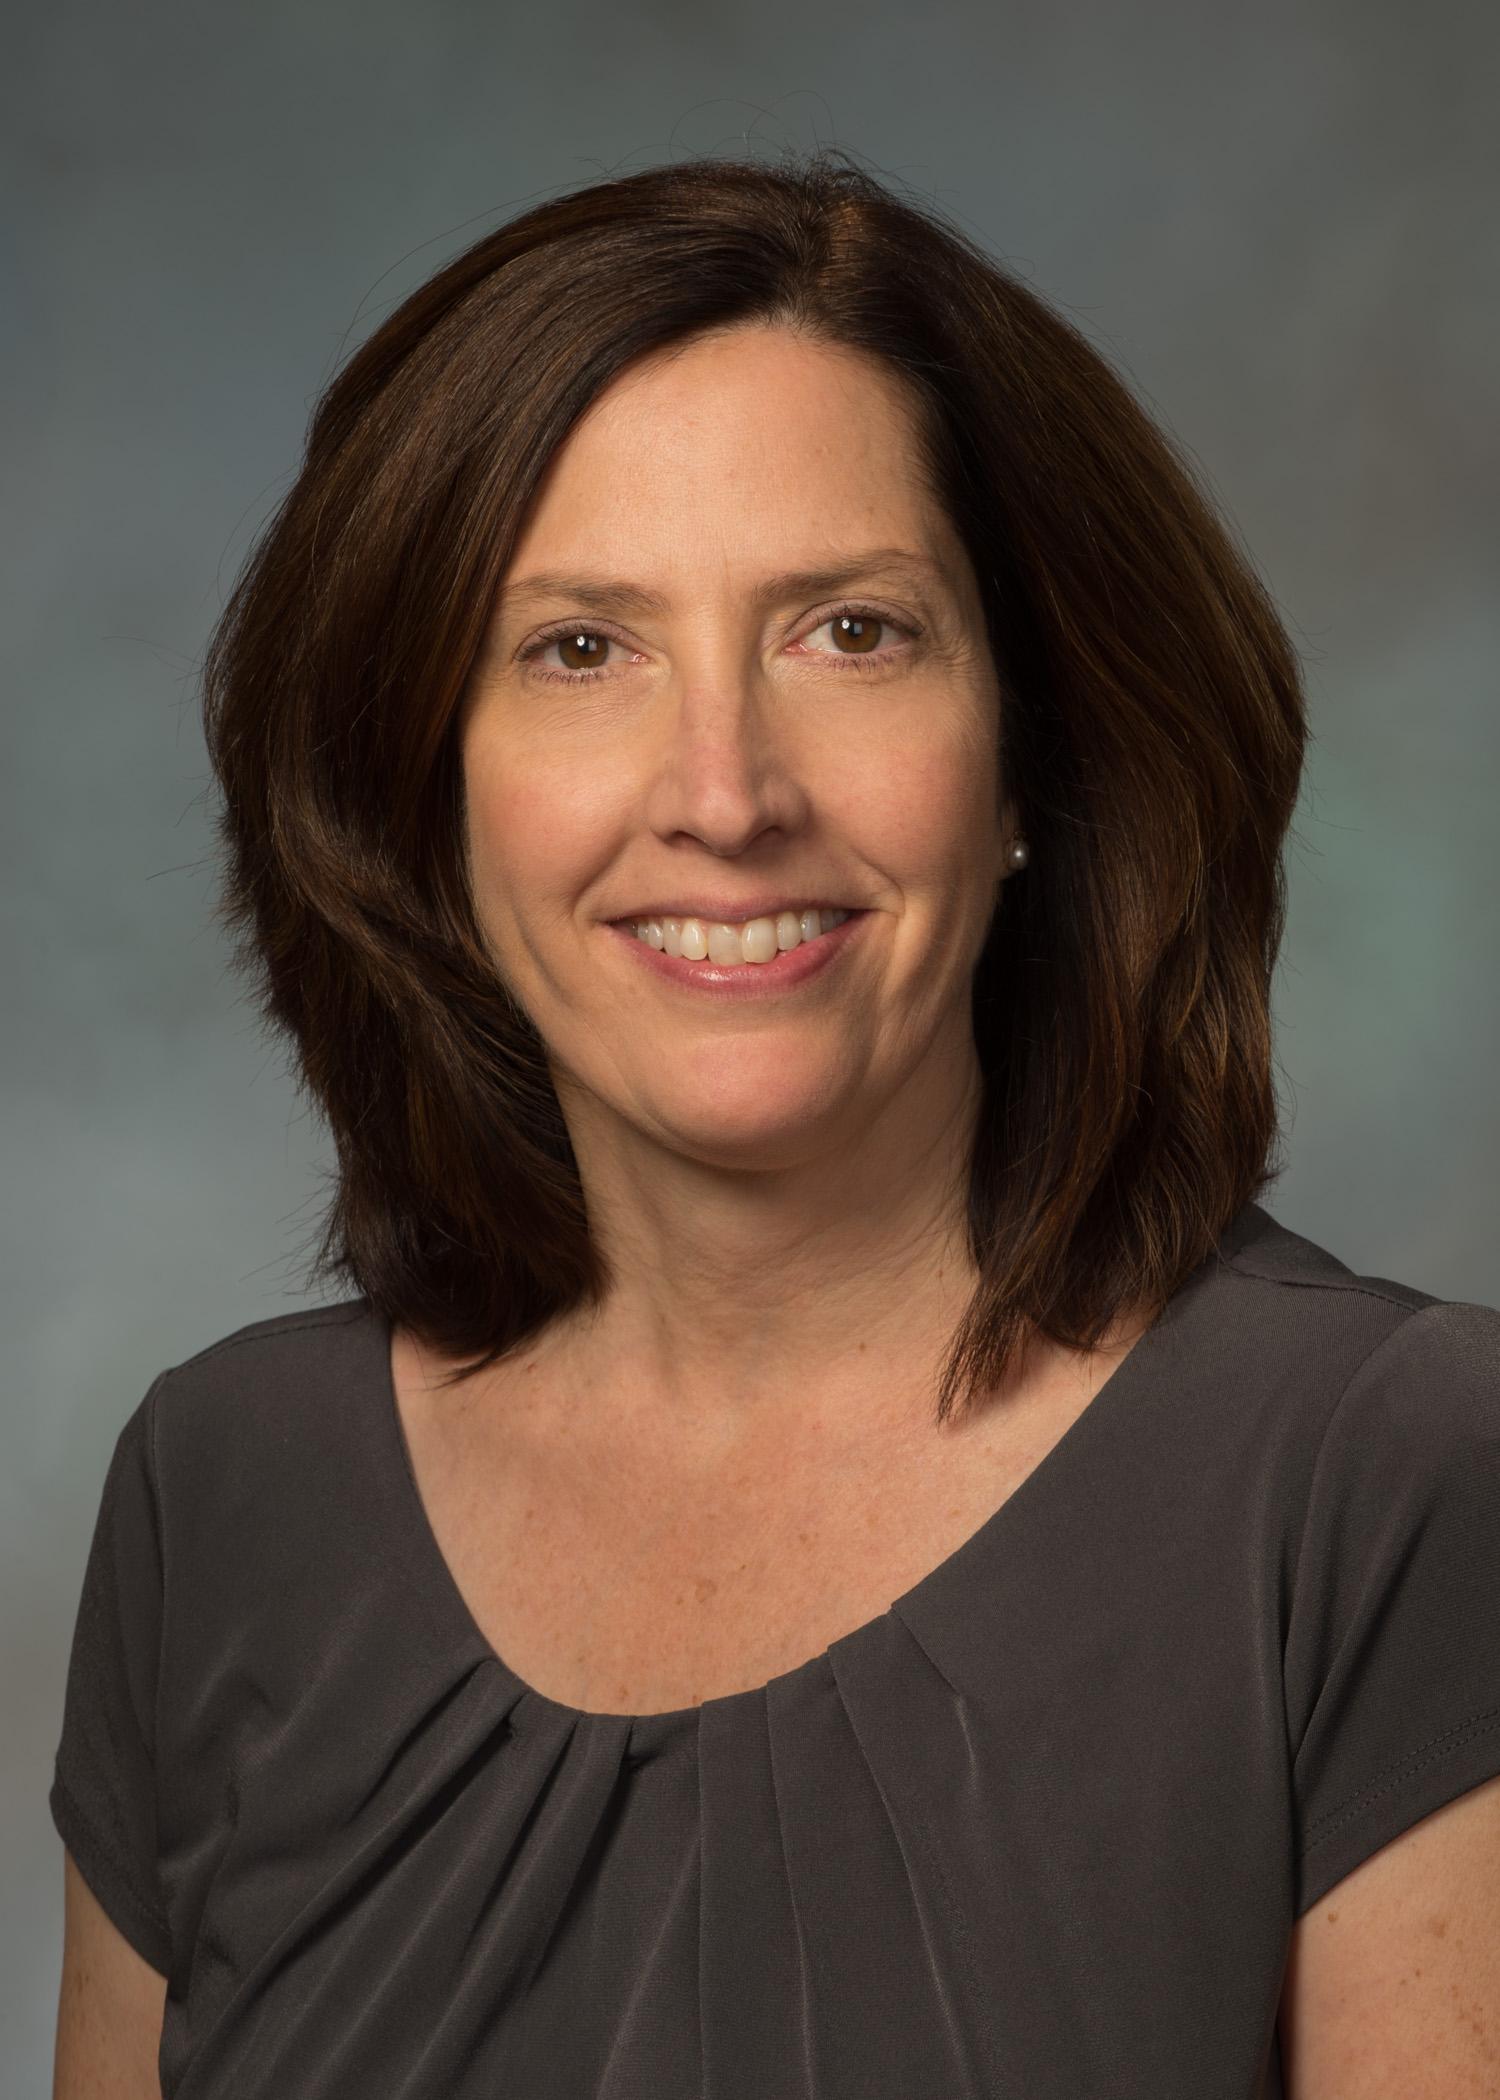 Susan E. Rubino